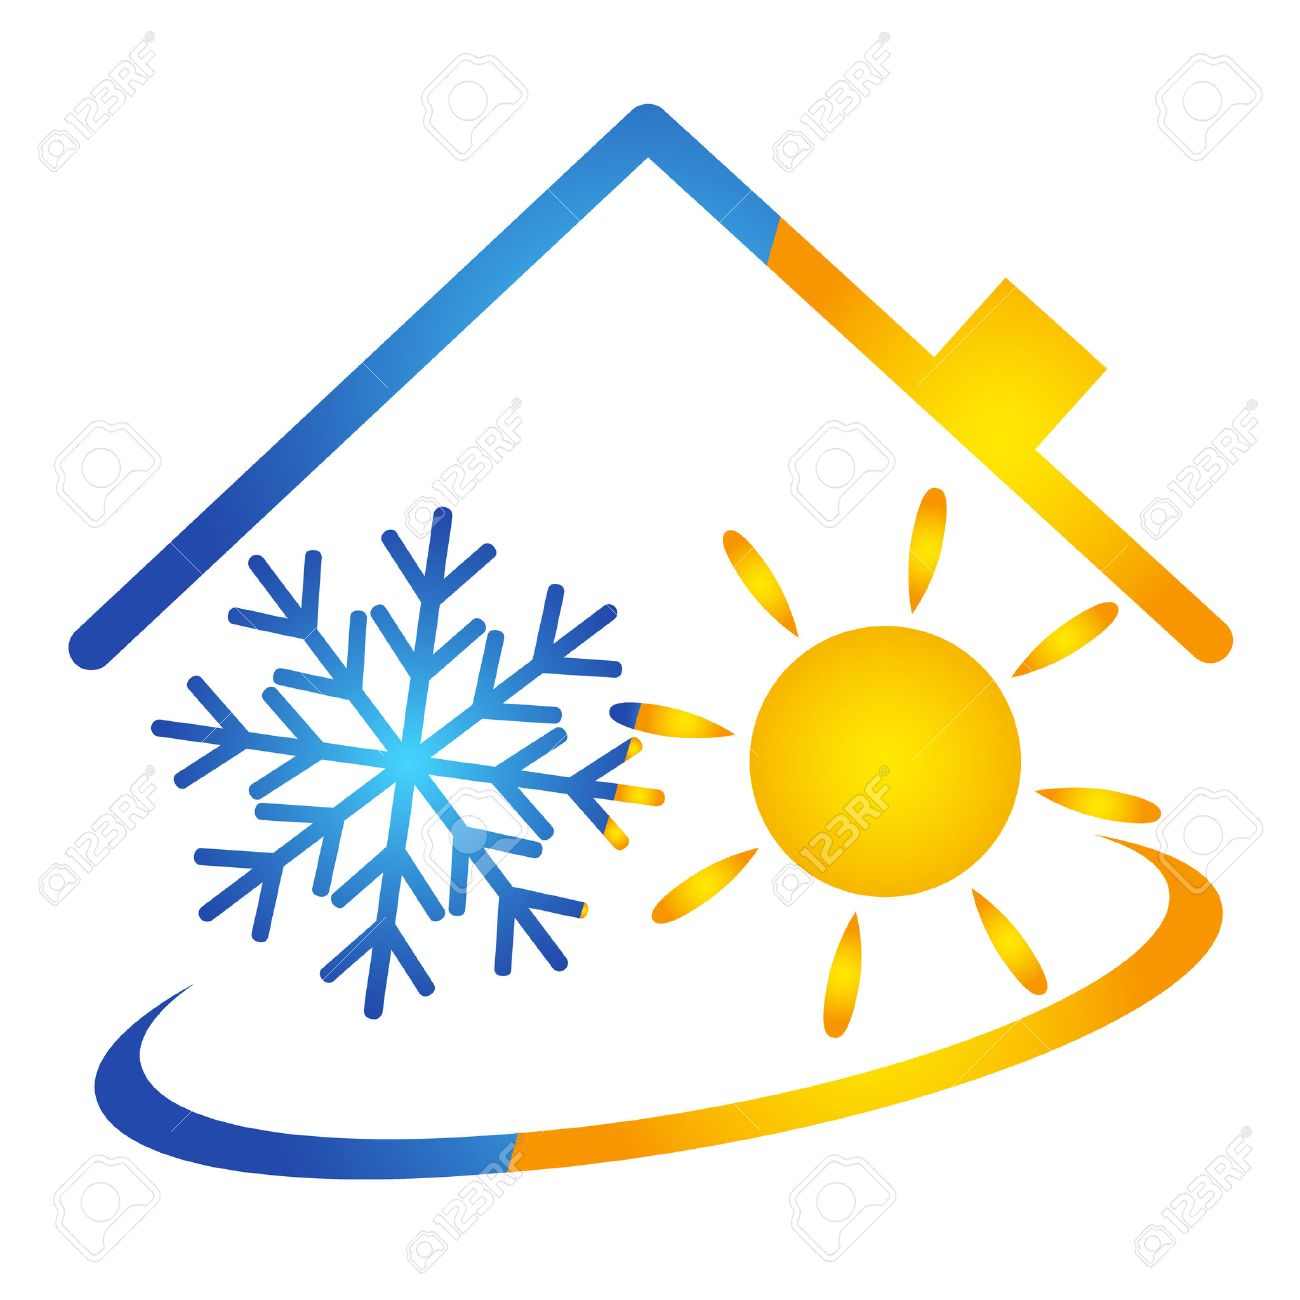 Air conditioner vector design, service - 27712980